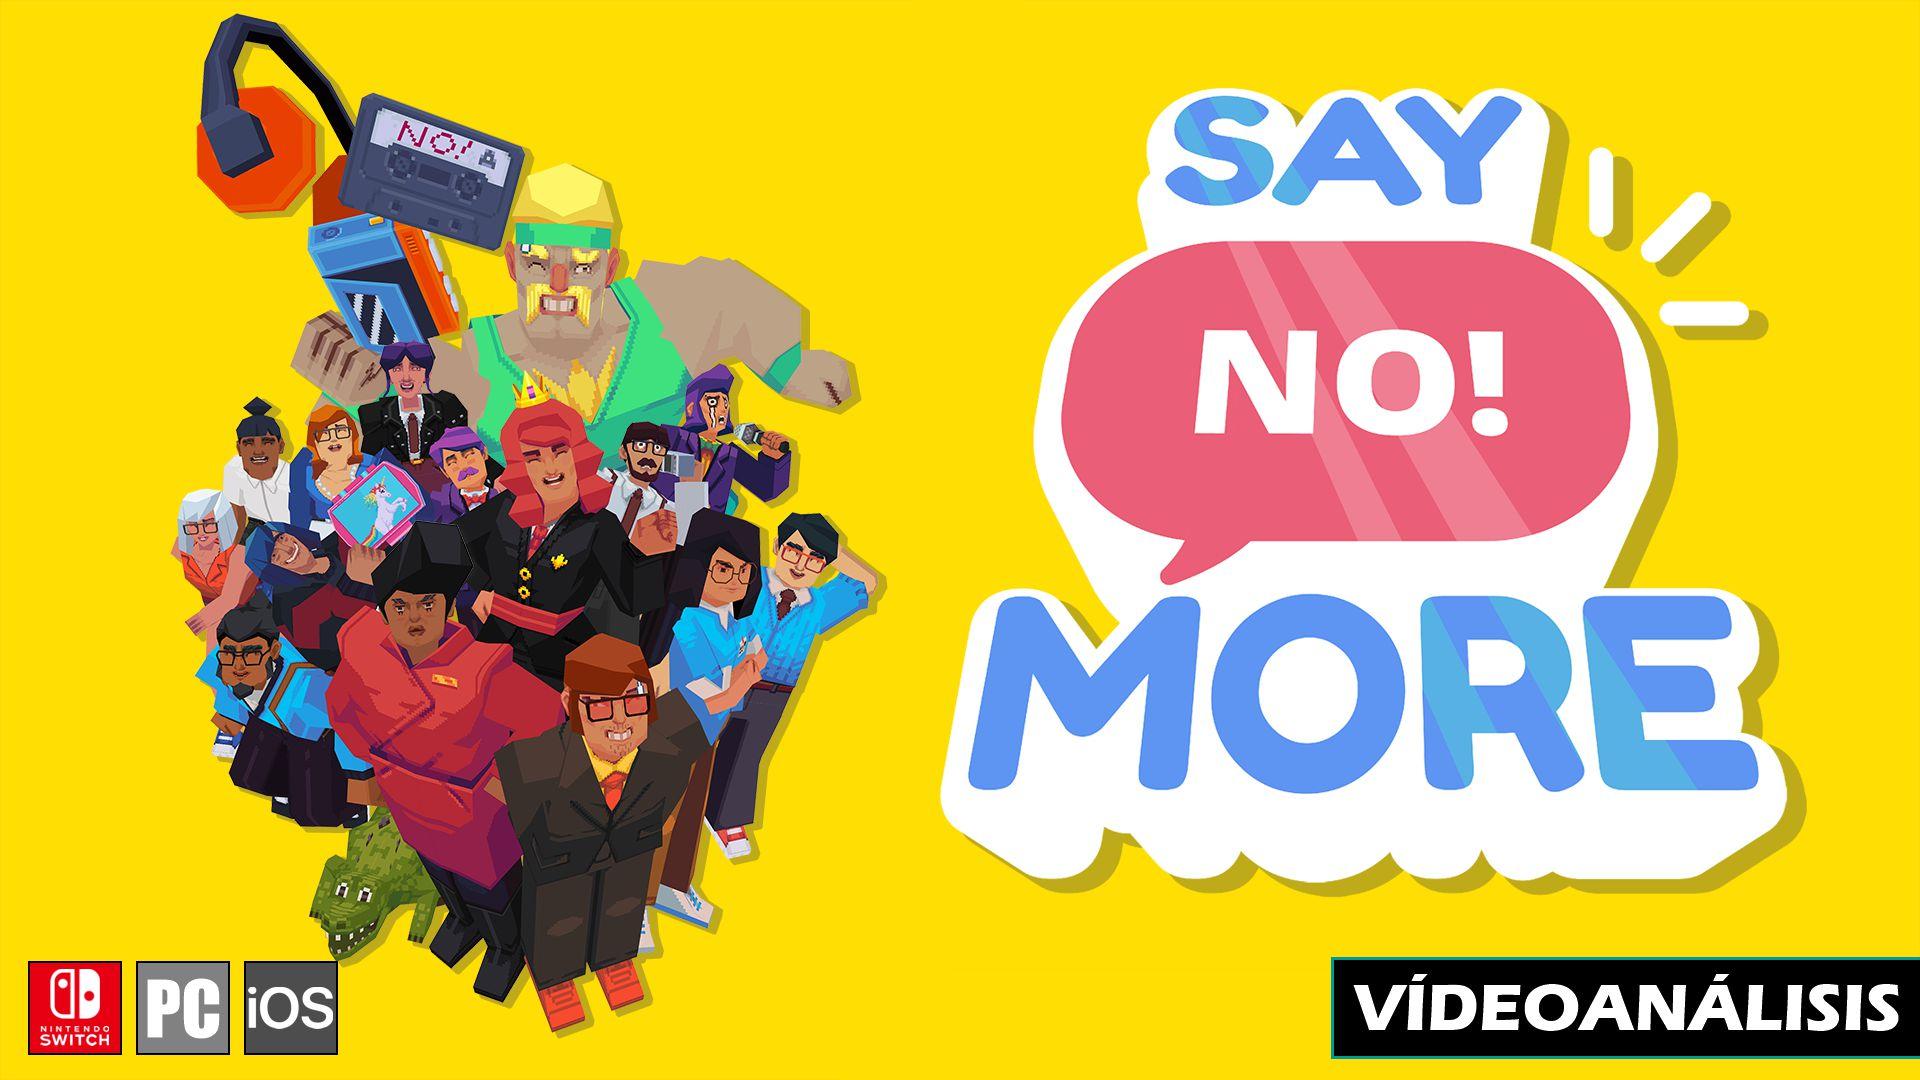 Vídeo análisis de Say No! More